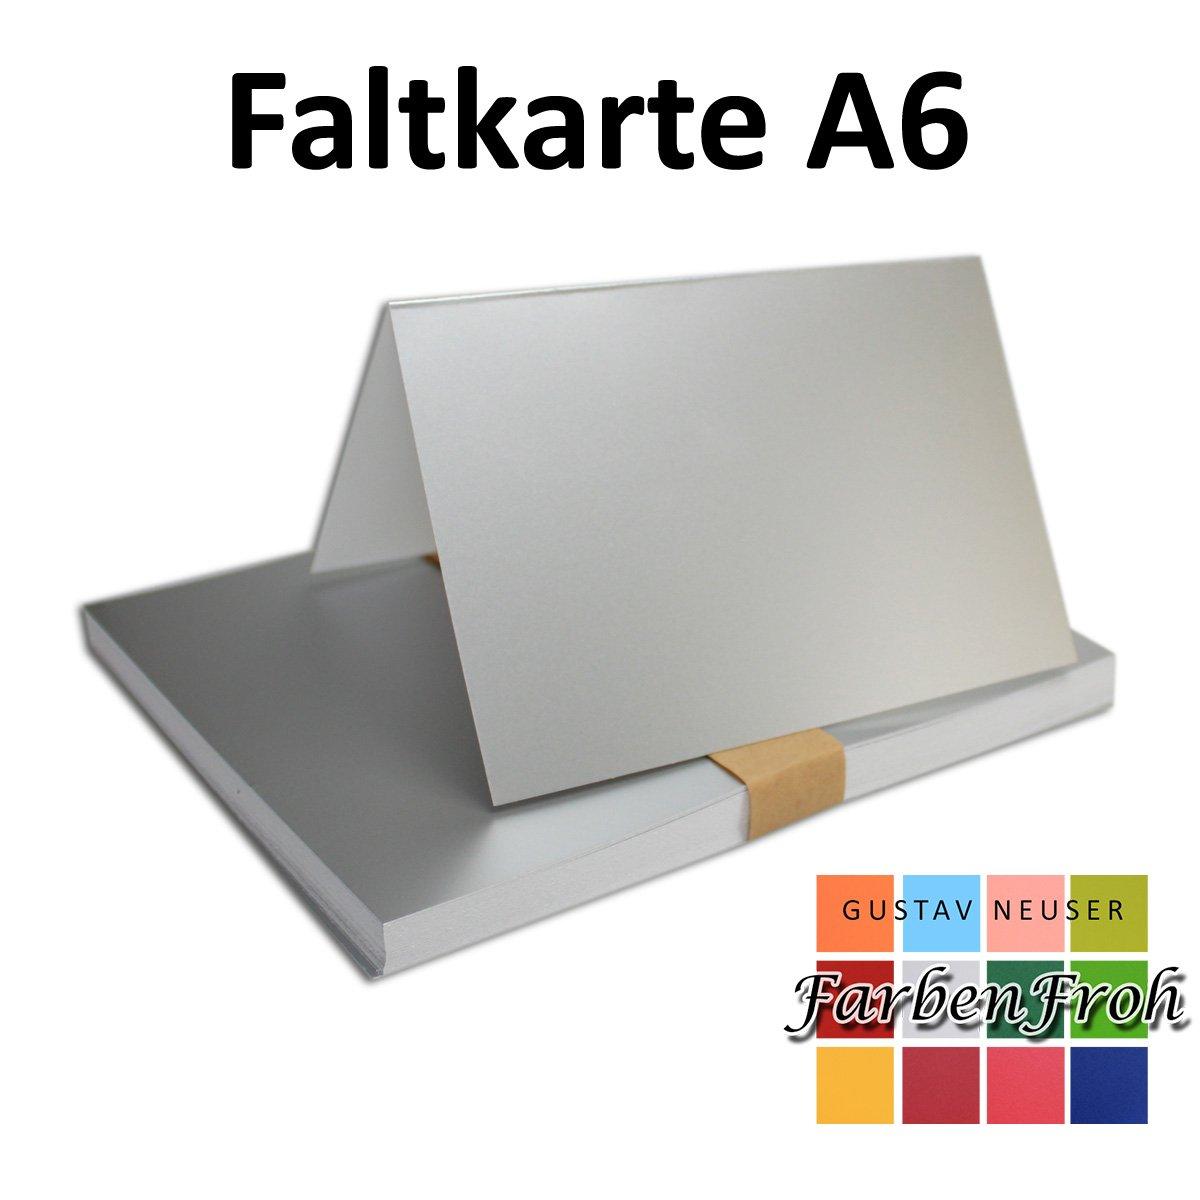 150x 150x 150x Falt-Karten DIN A6 Blanko Doppel-Karten in Vanille -10,5 x 14,8 cm   Premium Qualität   FarbenFroh® B07BRVMVQF | Bekannt für seine schöne Qualität  a9efc0